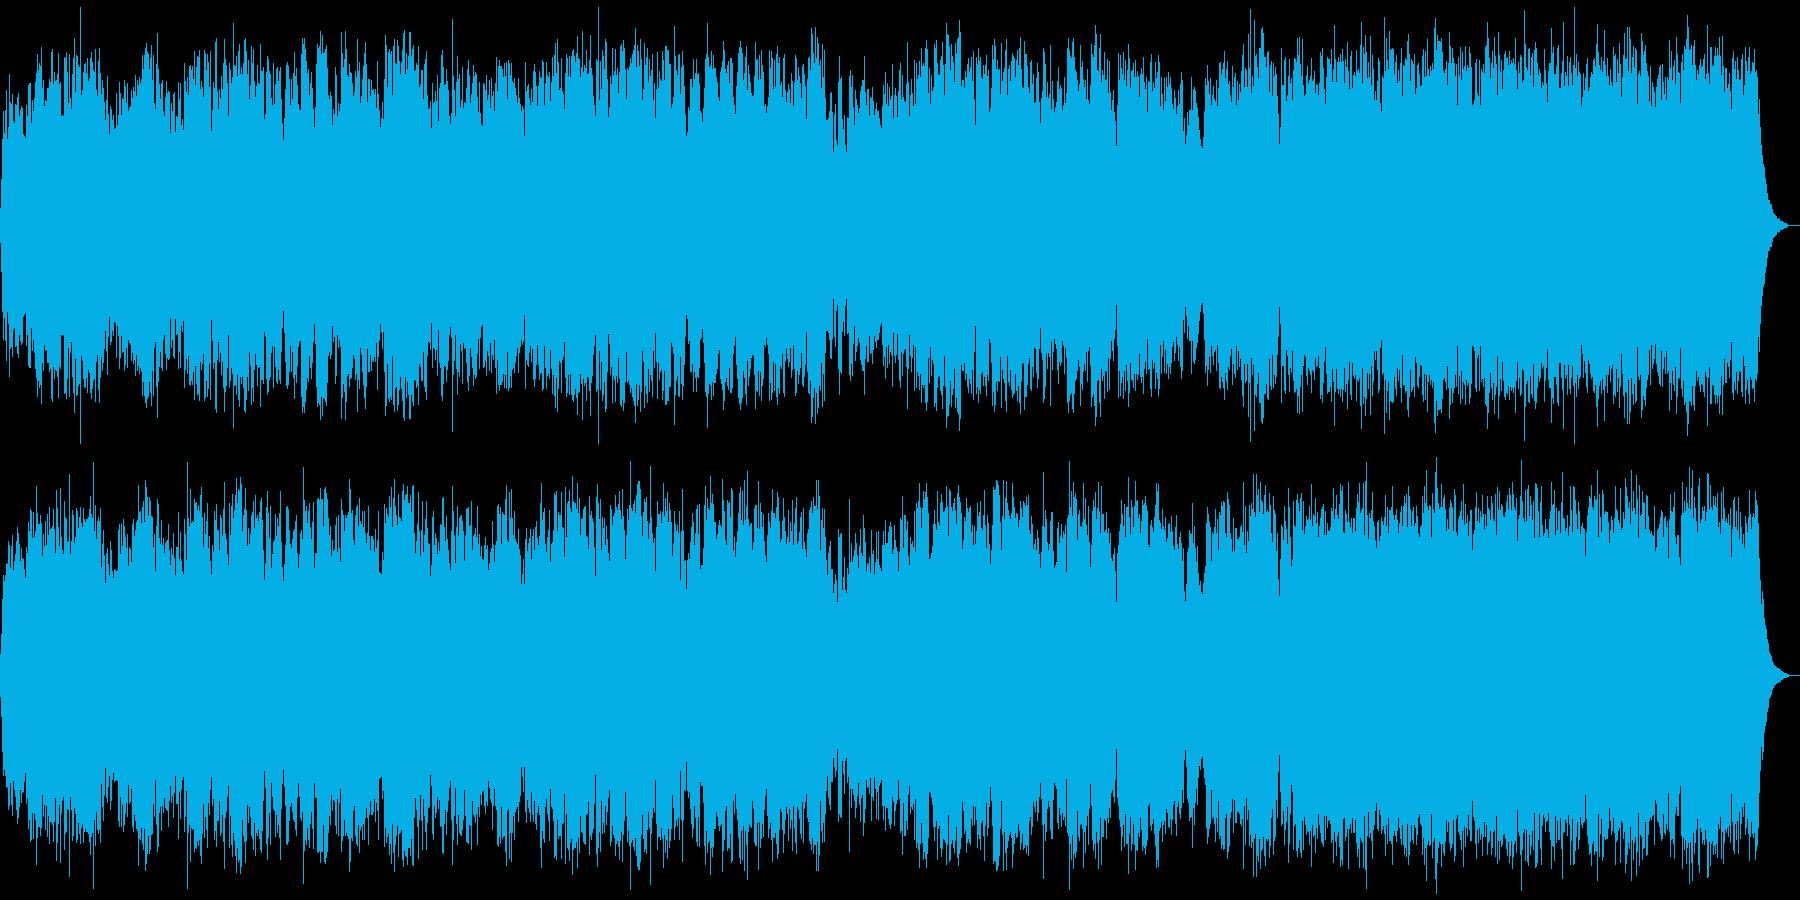 昭和の教育科学番組に流れてるアンビエントの再生済みの波形